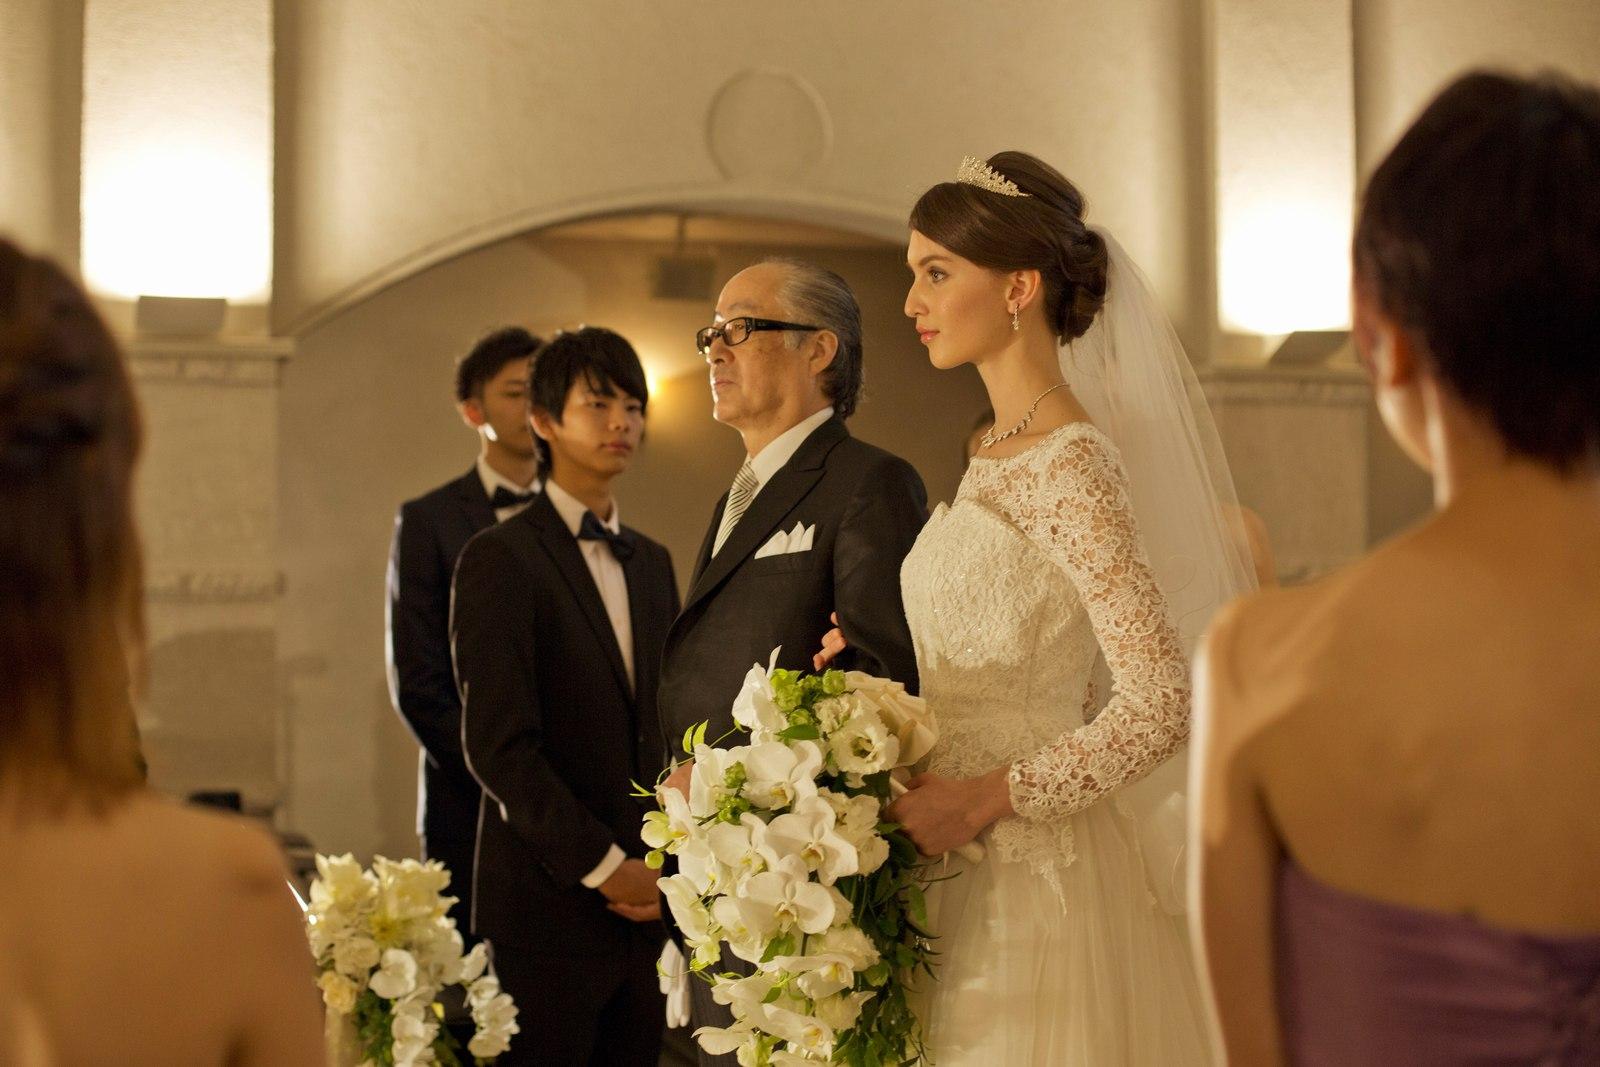 香川県の結婚式場シェルエメールの挙式入場シーン